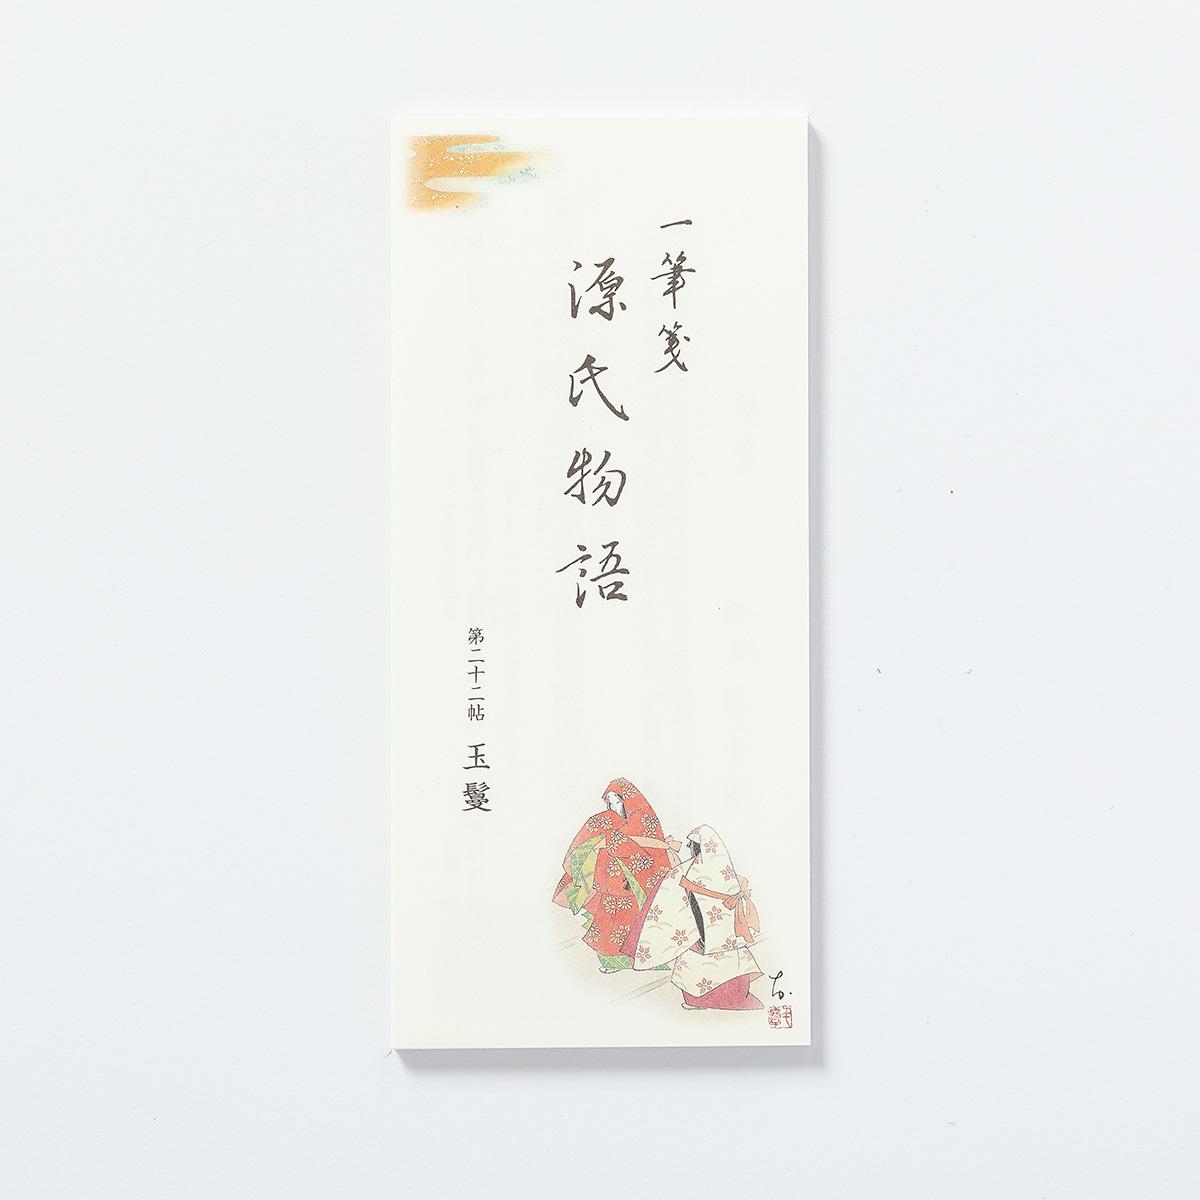 源氏物語一筆箋 第22帖「玉鬘」